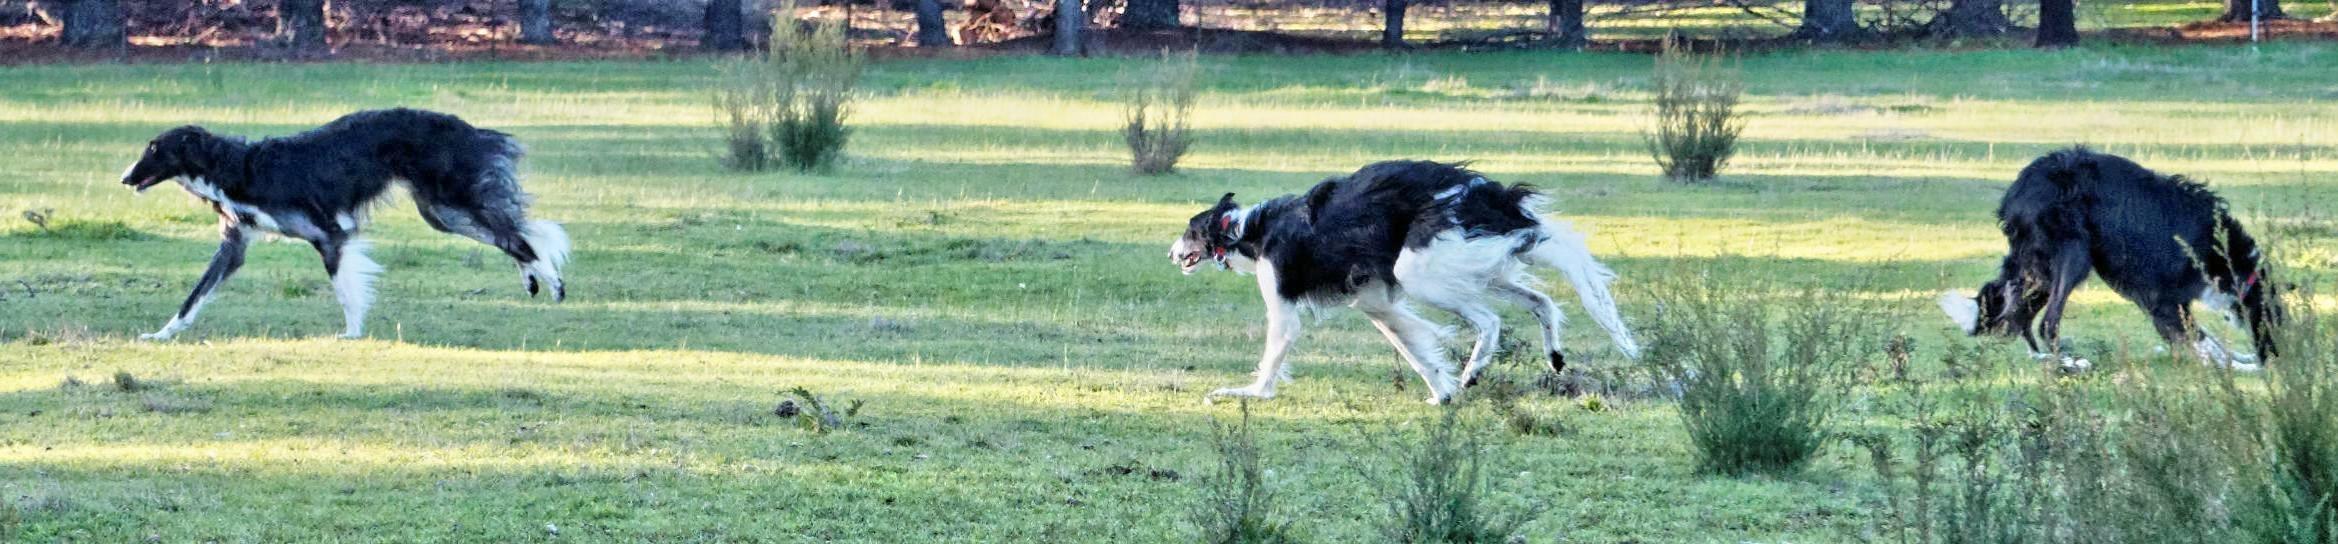 Dogs-12.jpeg